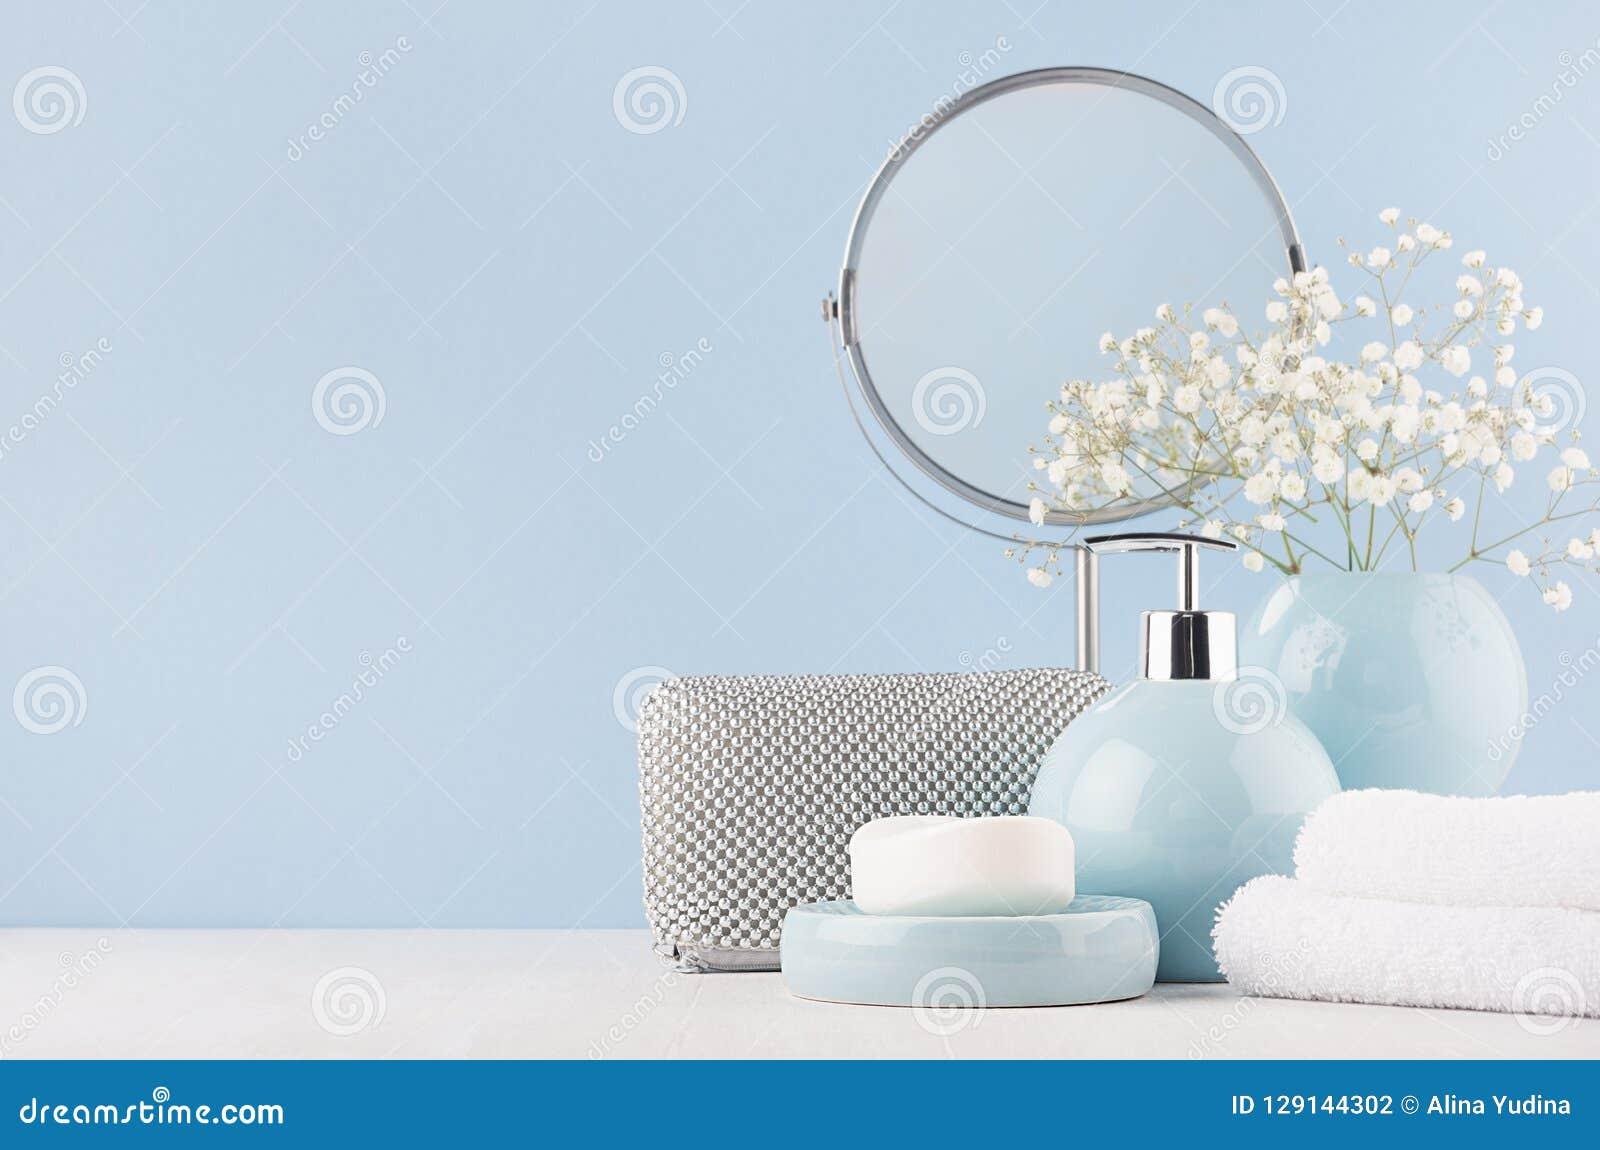 女性的卫生间装饰轻的软的蓝色颜色的-盘旋镜子、银色化妆袋子、白花、毛巾、肥皂和花瓶